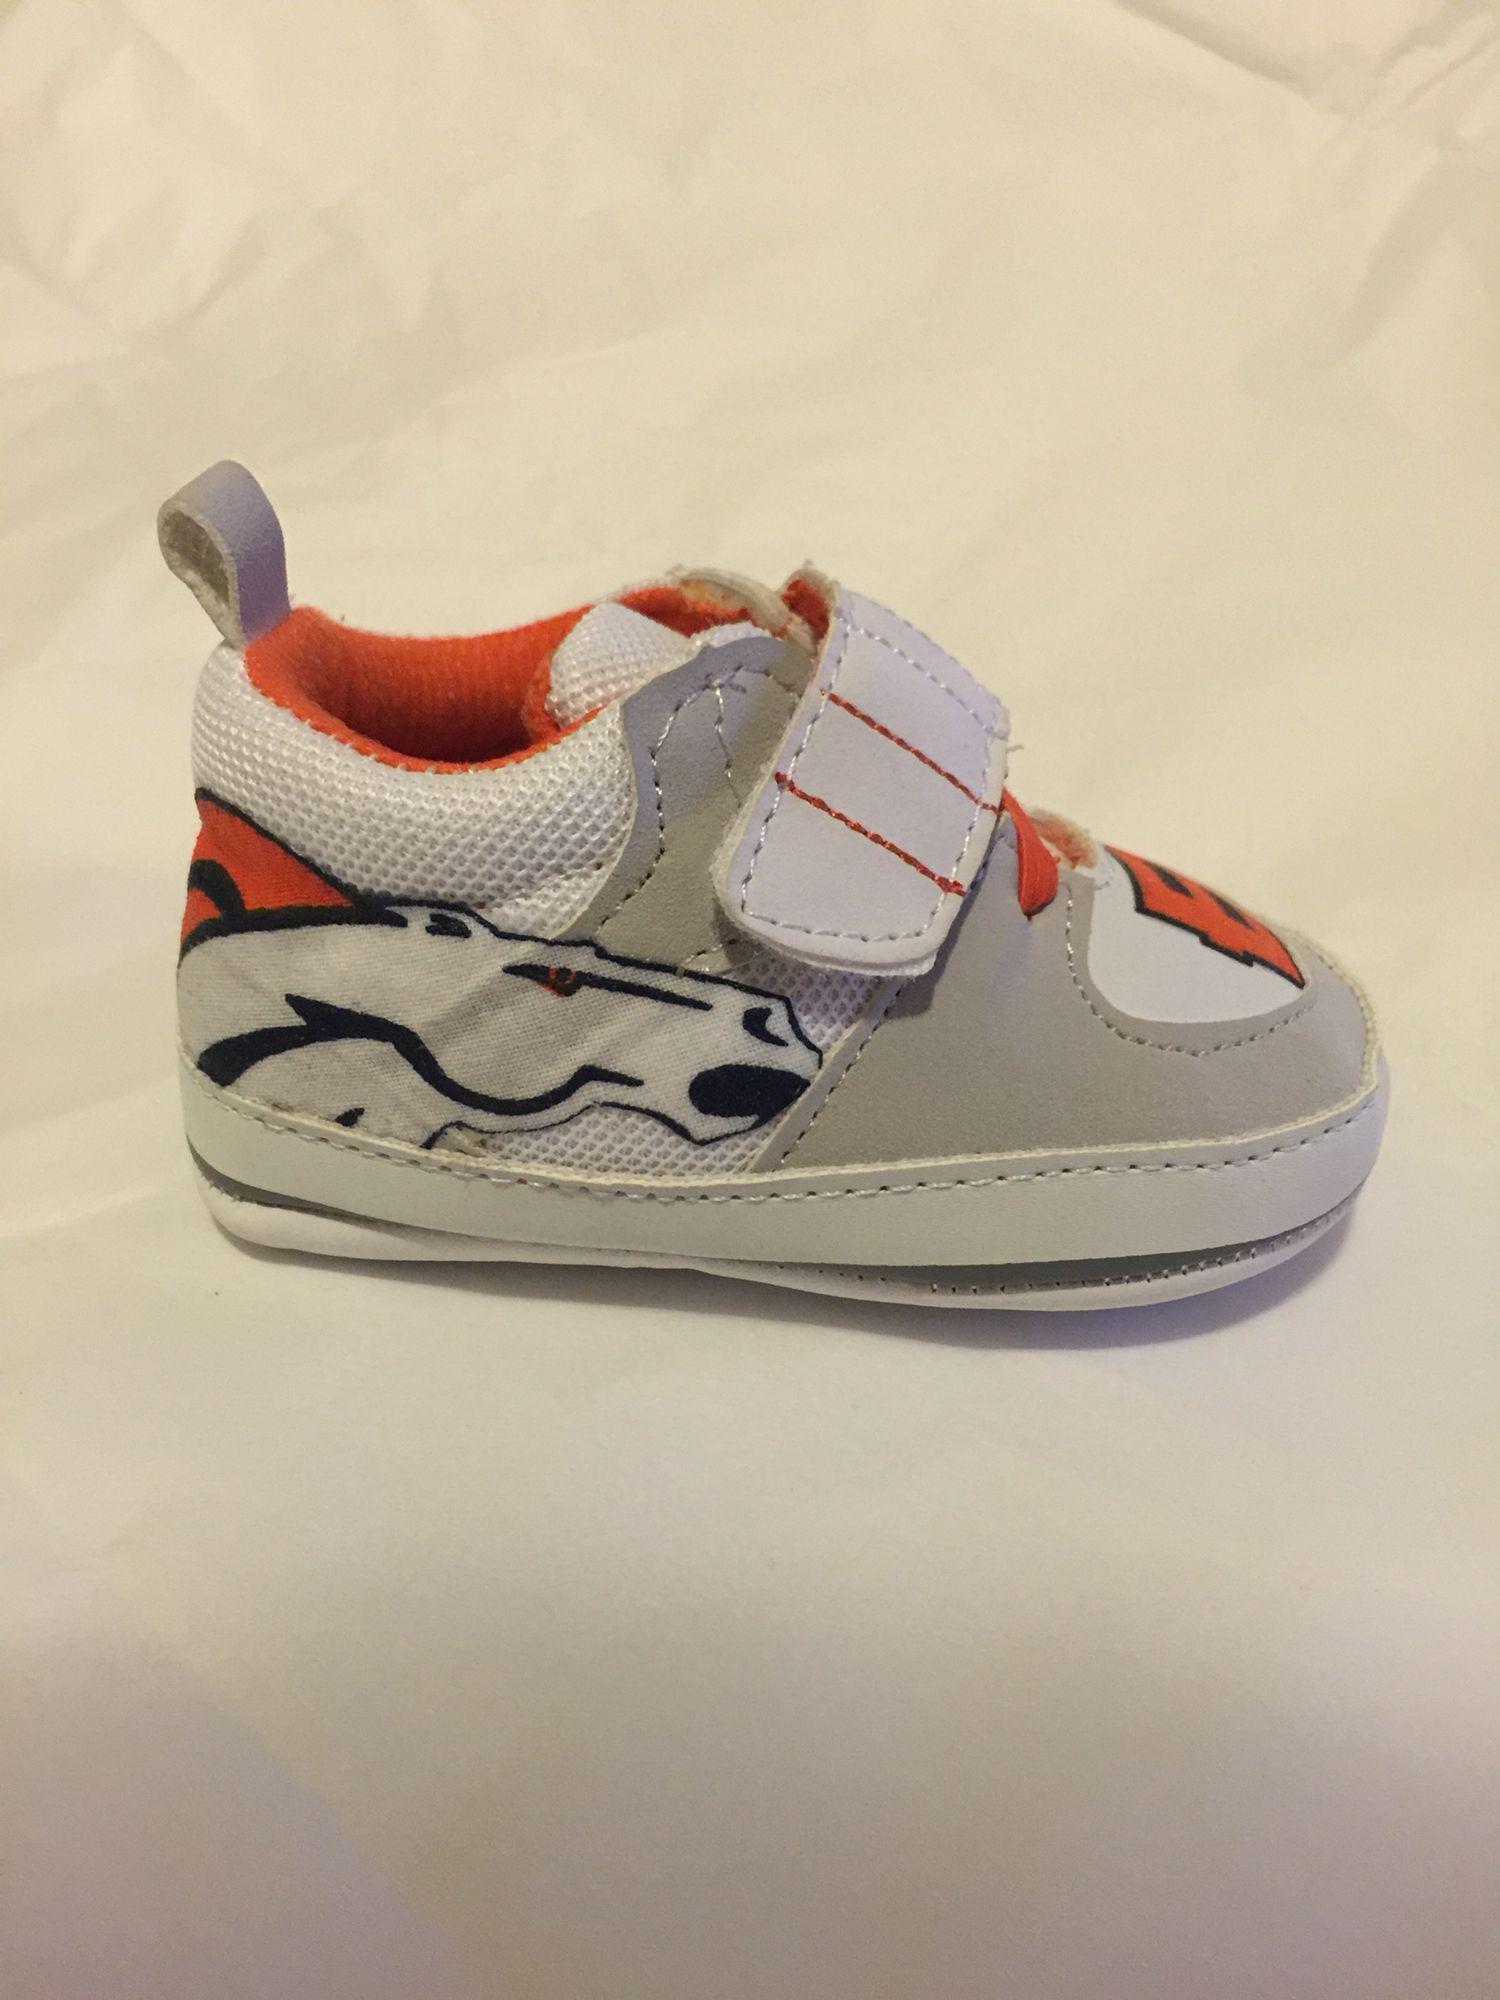 Denver Broncos baby shoes  8e0a296b0